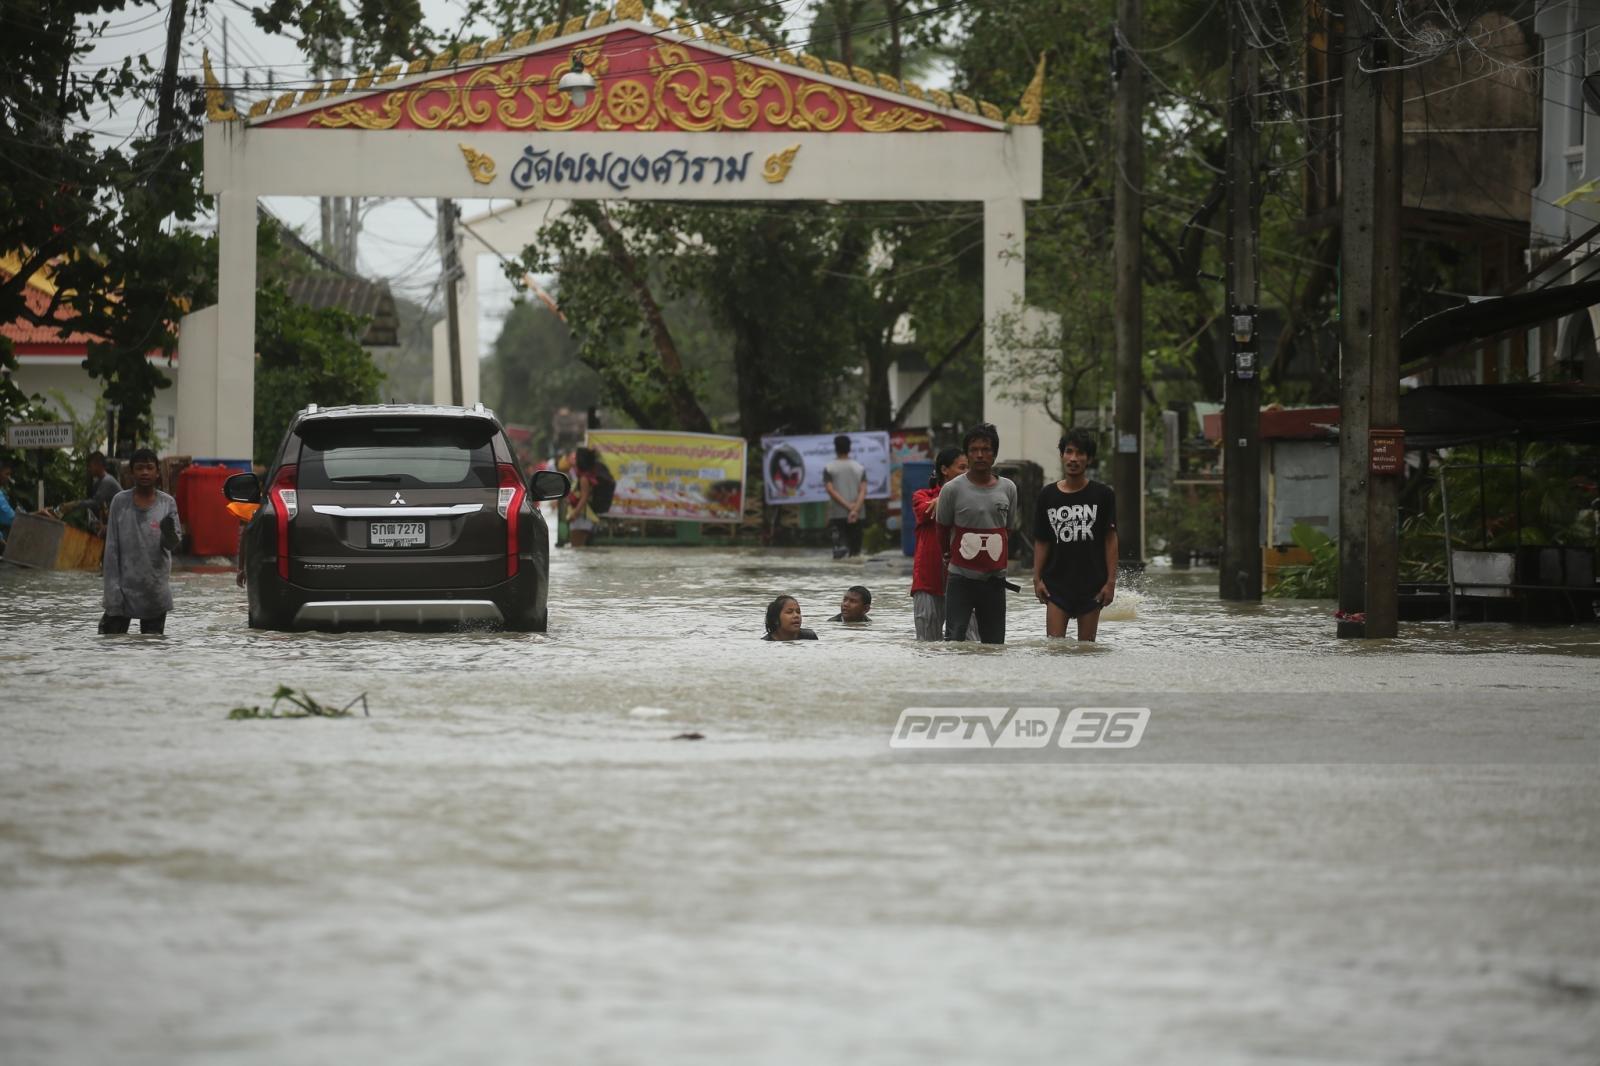 """รัฐบาล เชิญชวนร่วมบริจาคช่วยเหลือผู้ประสบภัย """"พายุปาบึก"""""""